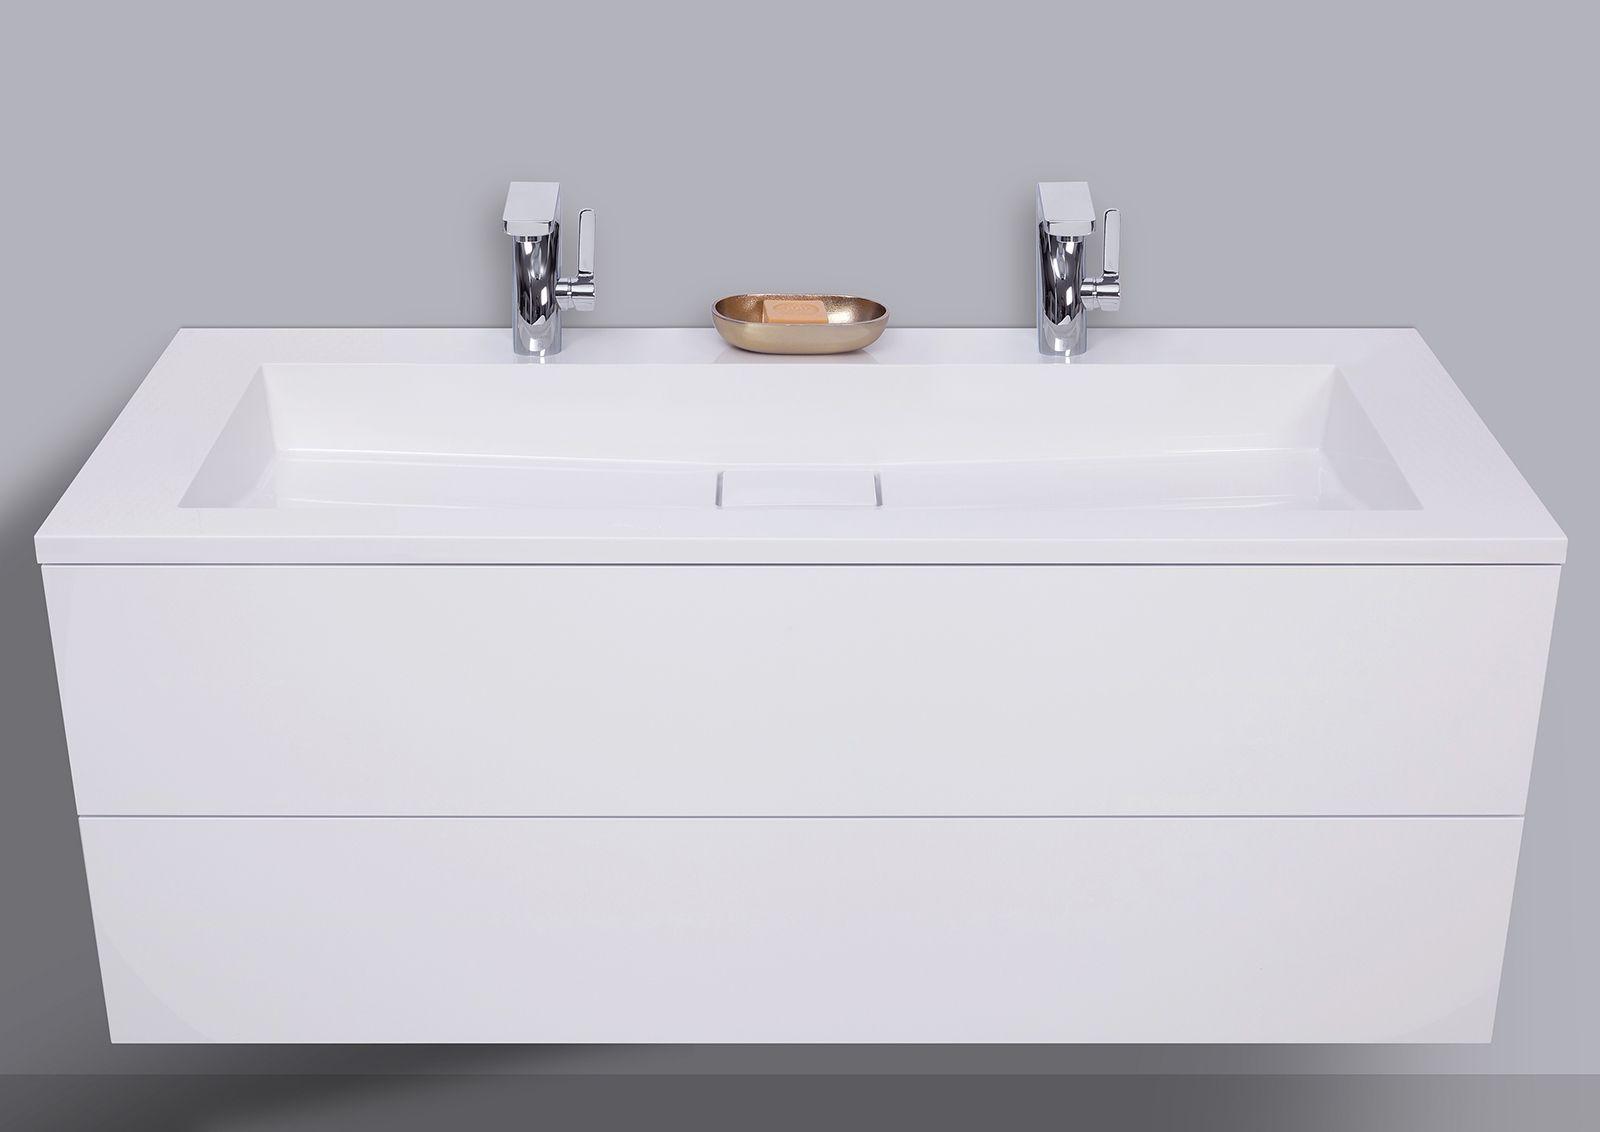 Badmobel Cubo Grifflos 120 Cm Doppelwaschtisch Mit Unterschrank Made In Germany Doppelwaschtisch Mit Unterschrank Unterschrank Doppelwaschtisch